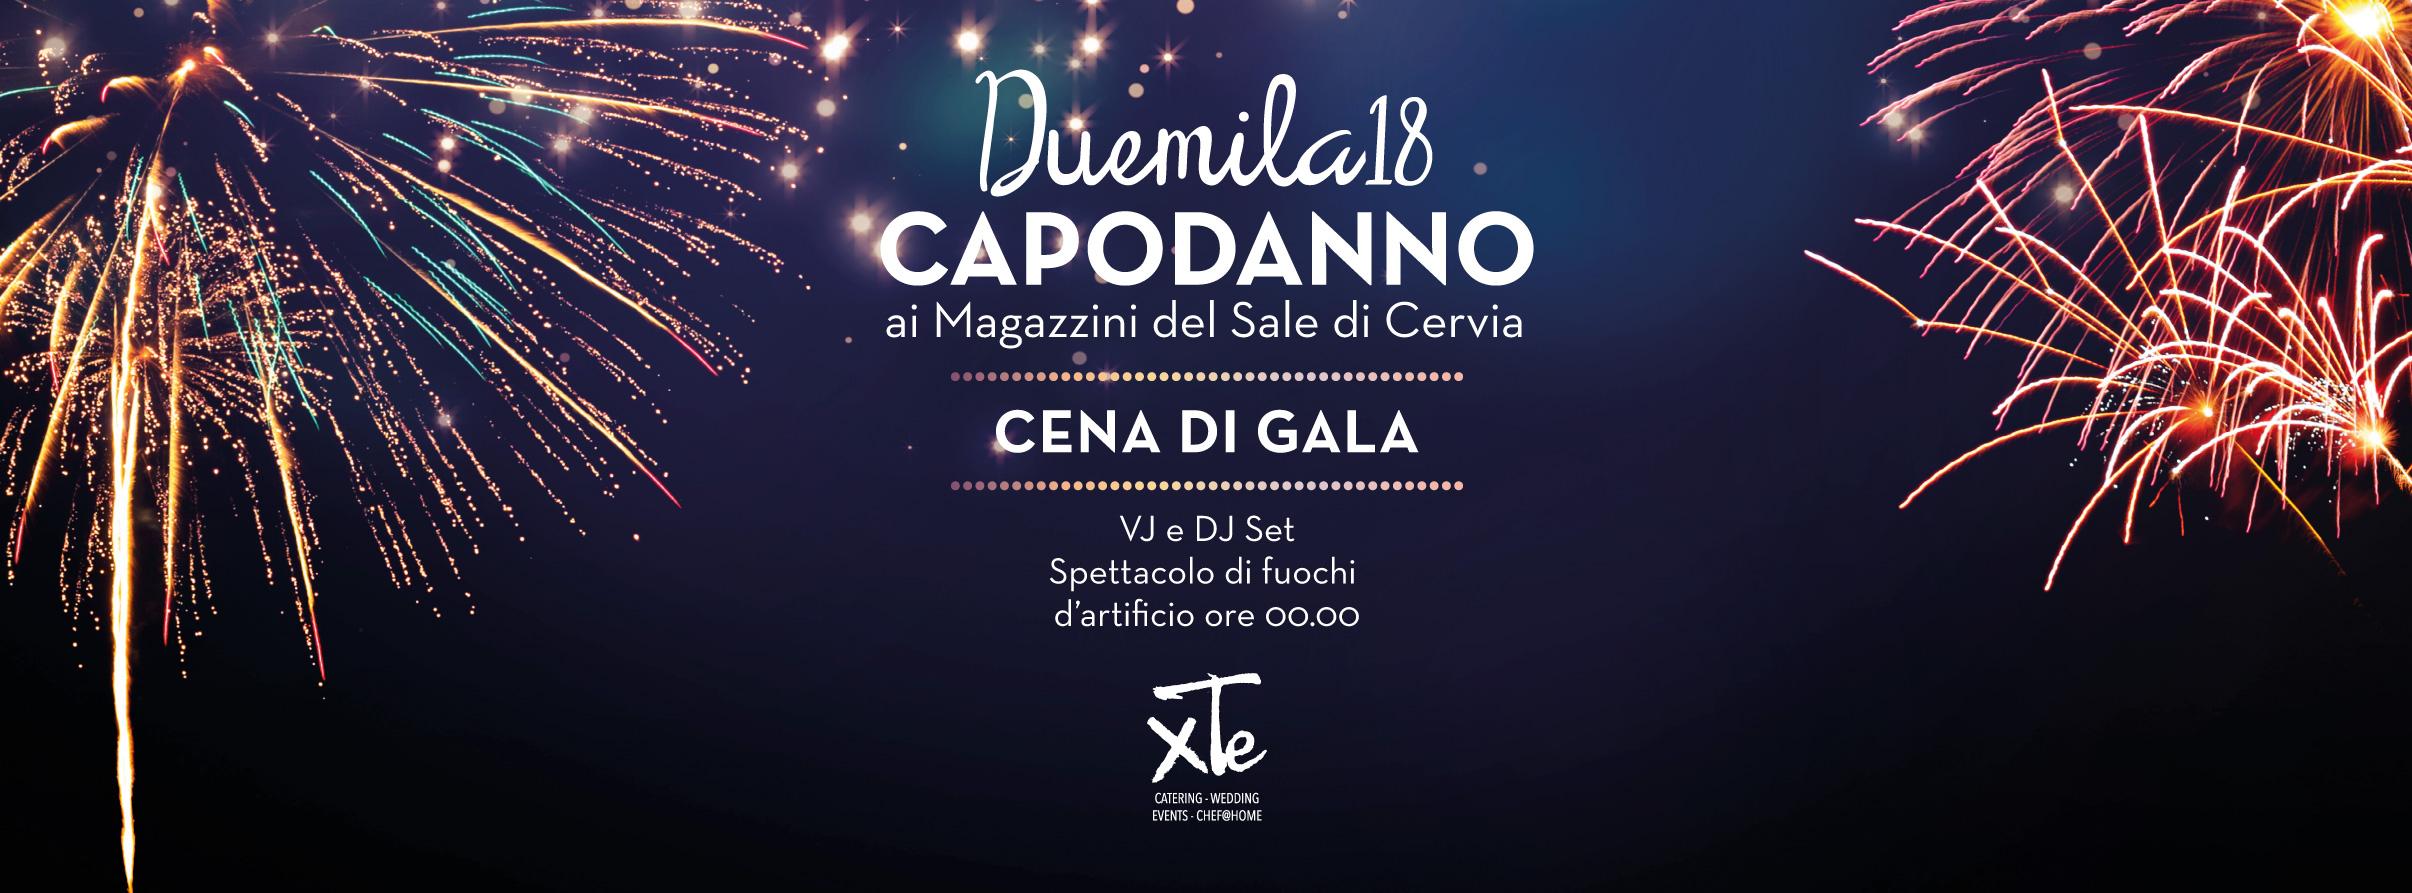 Capodanno 2018 a Milano Marittima